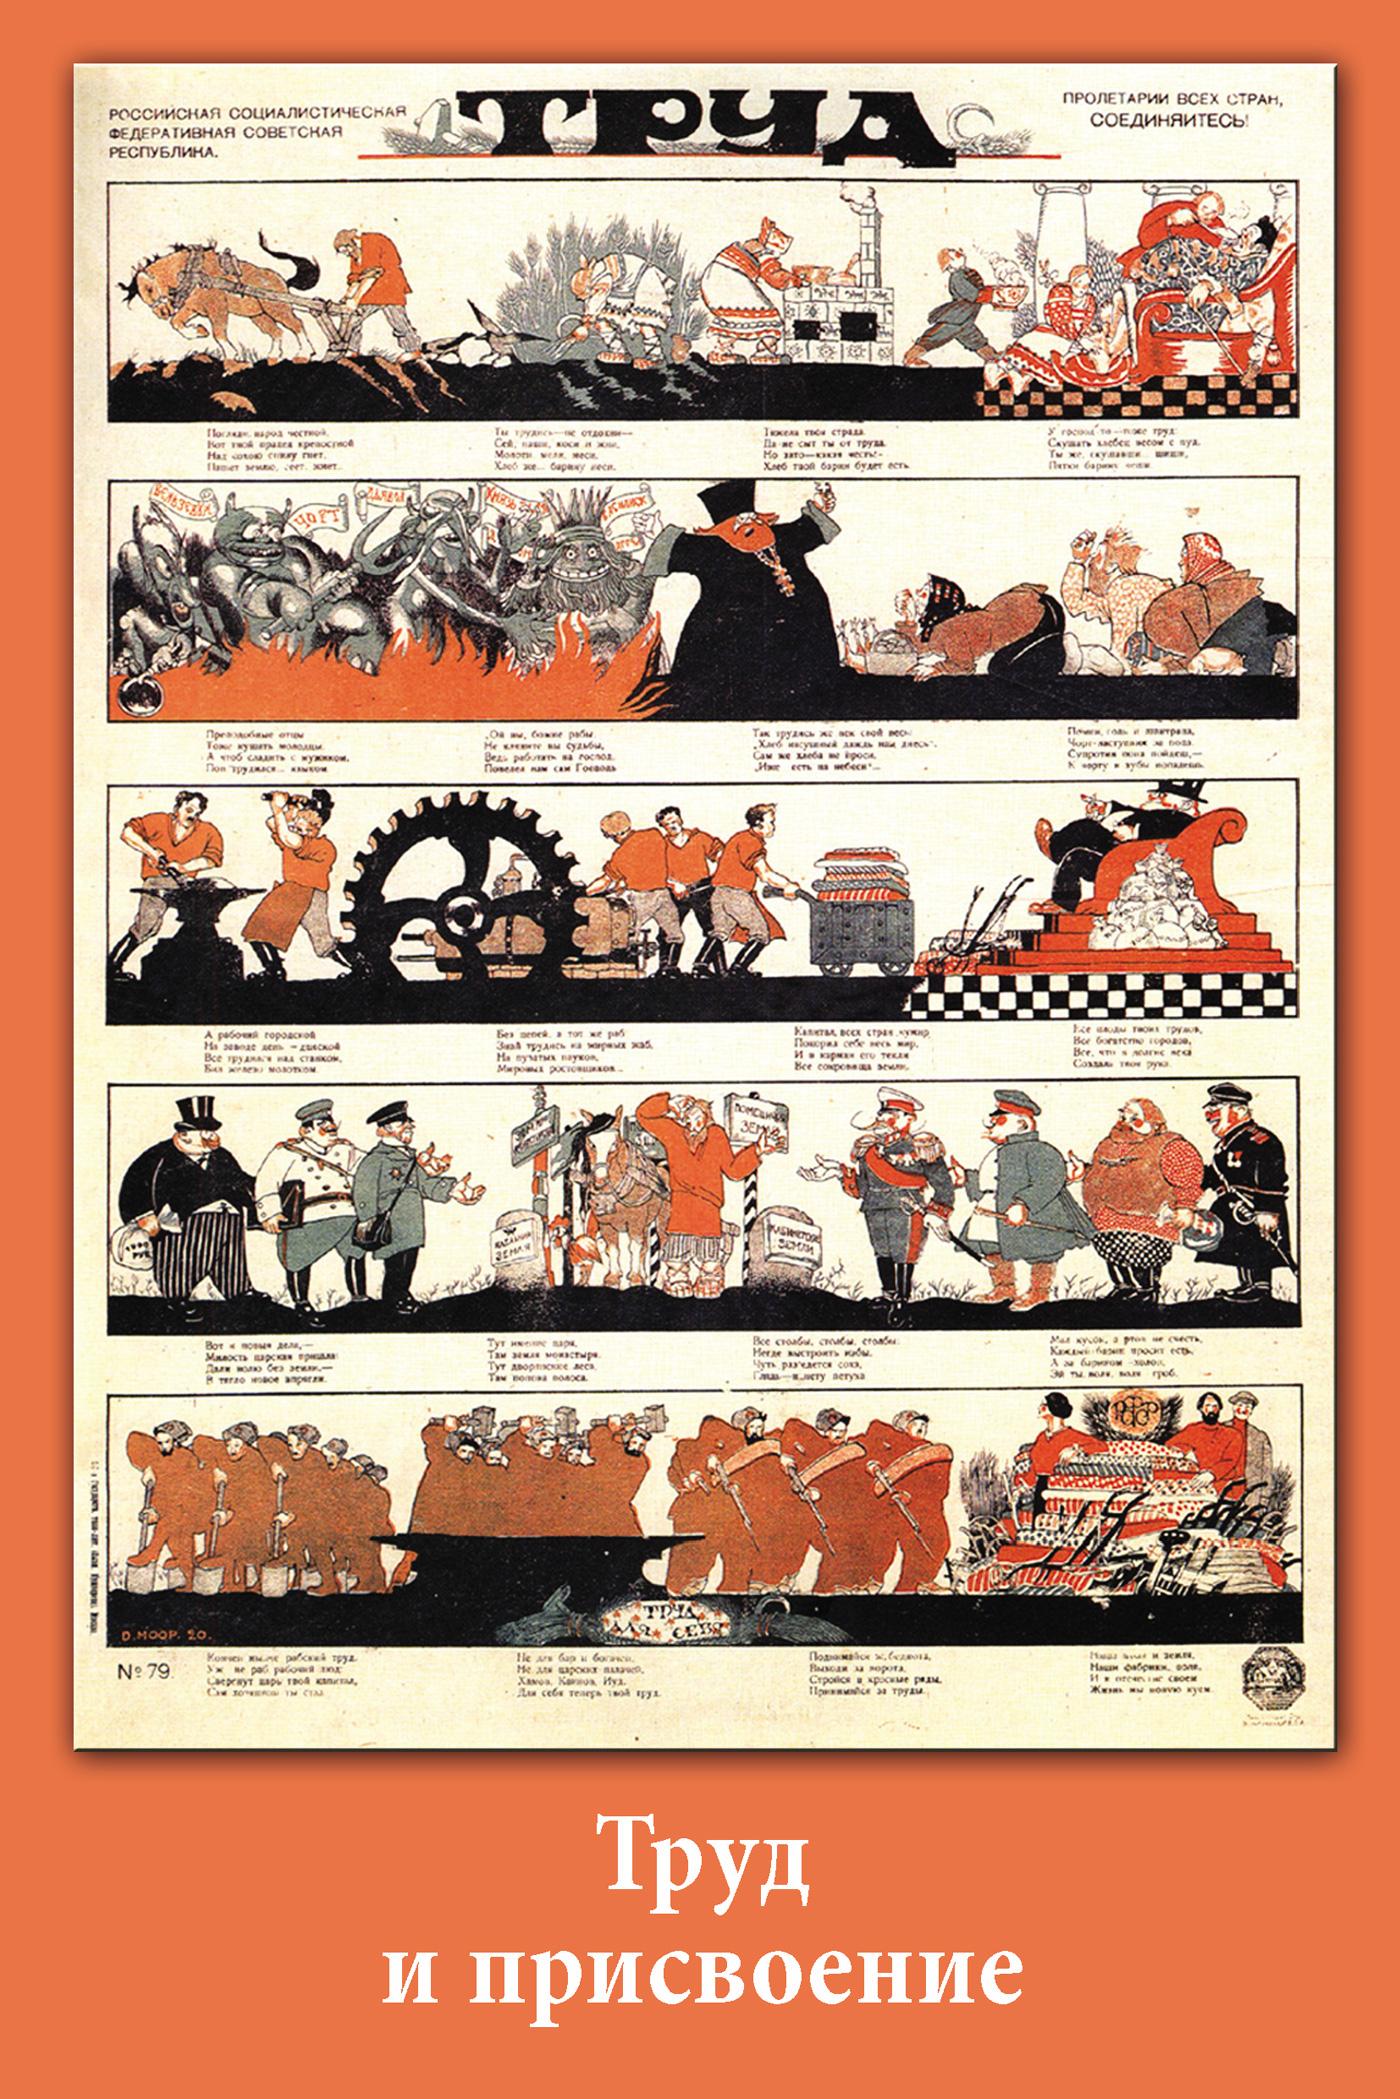 Россия и человечество: проблемы миростроительства. Выпуск 8: Практические воплощения конфликта труда и присвоения в мировой истории